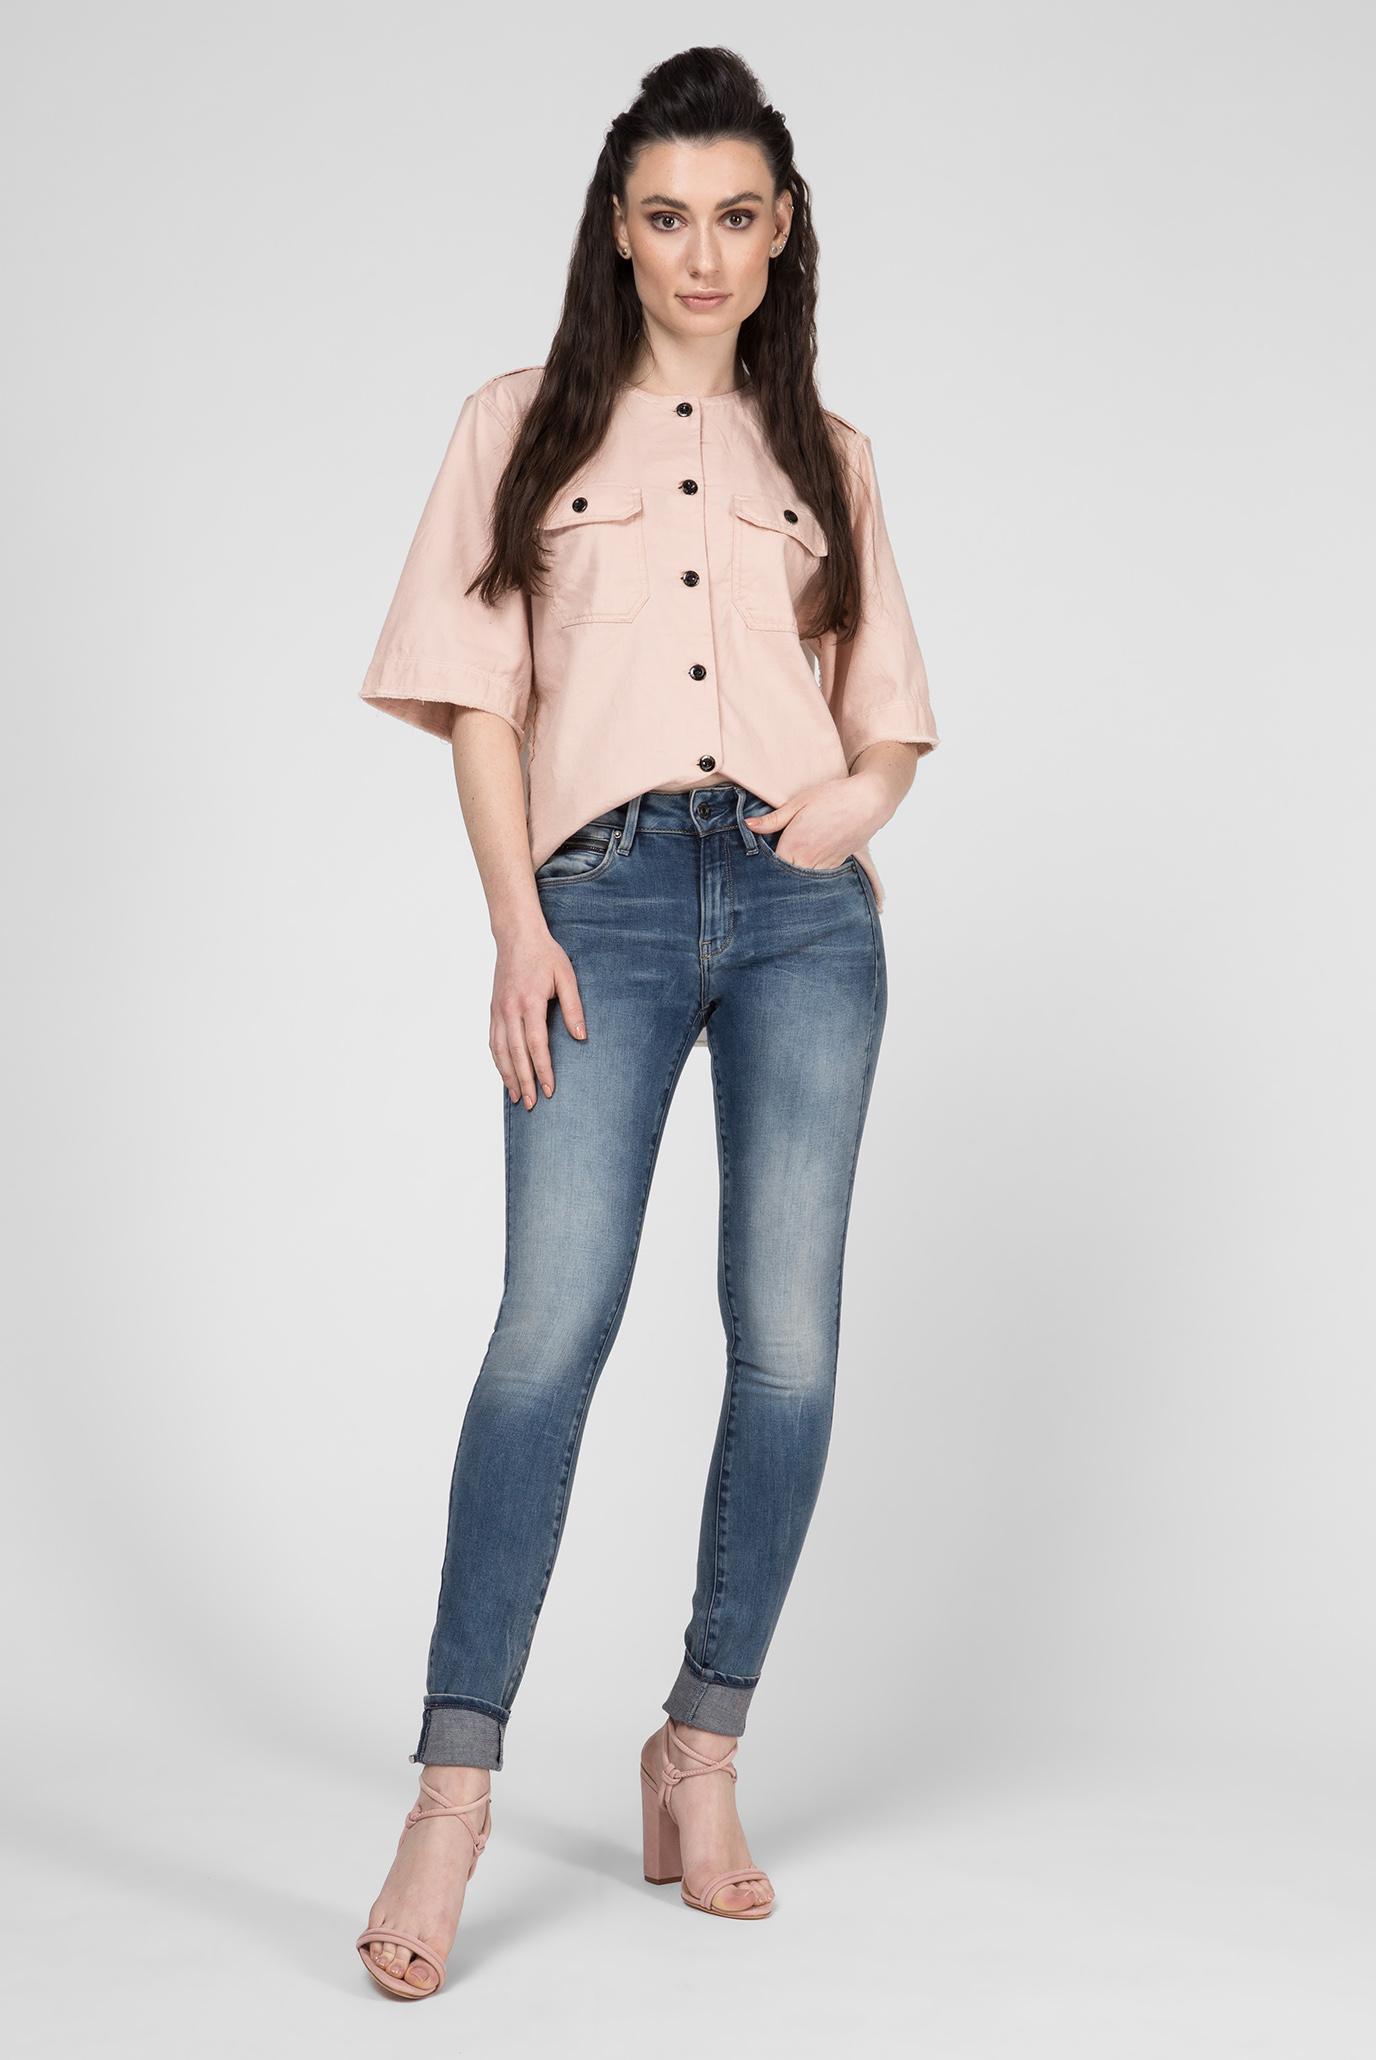 Купить Женская пудровая рубашка Beryl G-Star RAW G-Star RAW D14738,5977 – Киев, Украина. Цены в интернет магазине MD Fashion